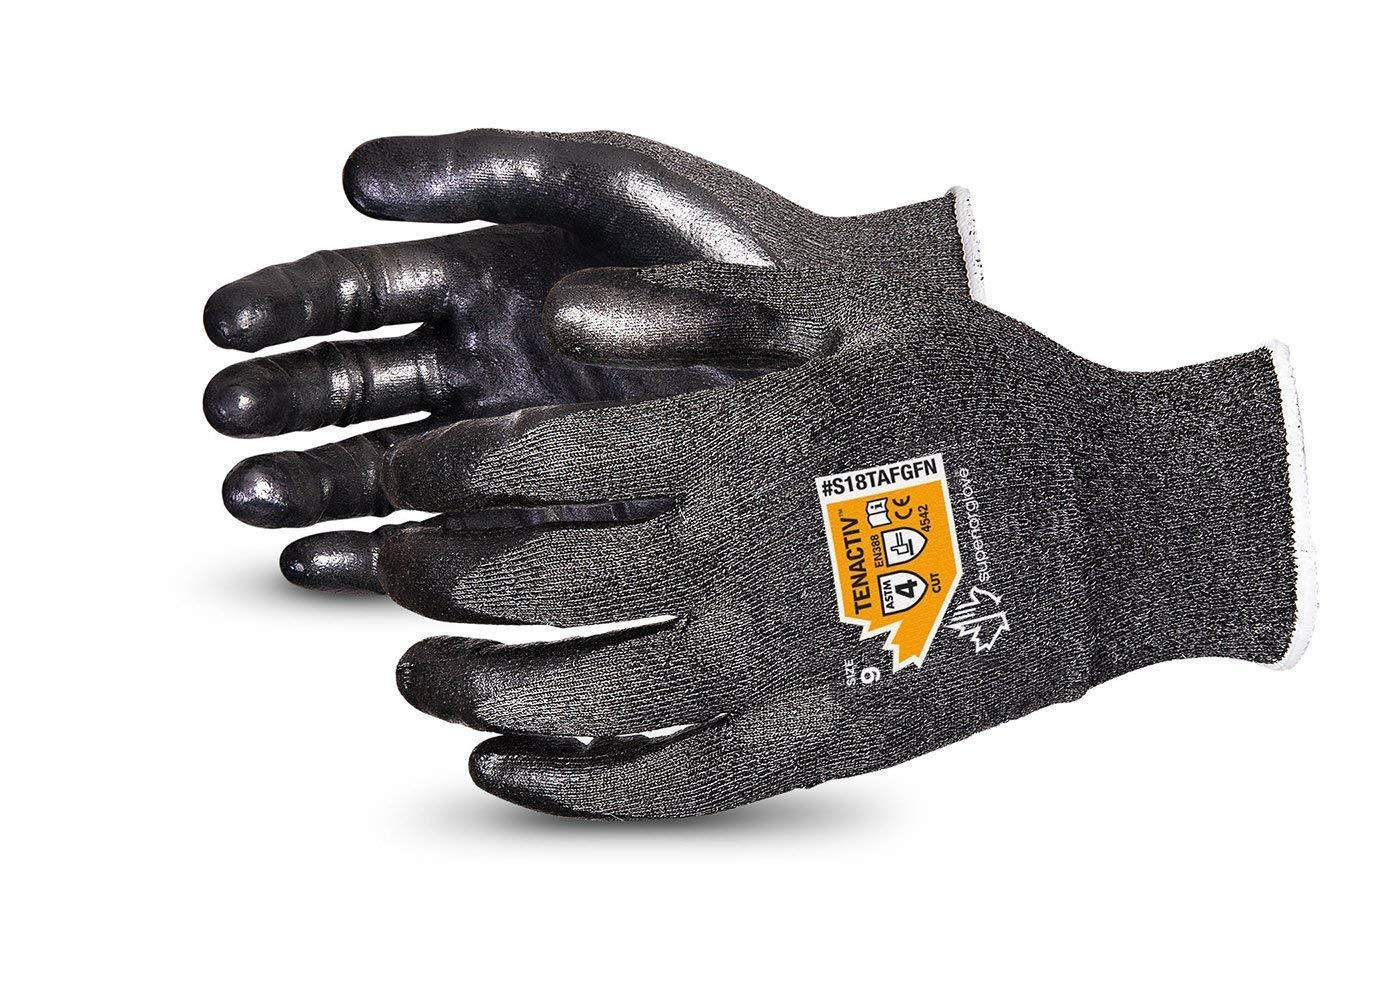 TenActiv Cut Resistant Gloves: 18-Gauge Composite Filament Fiber w/Level-4 Cut-Resistance & Foam Nitrile Palms (Touchscreen-Compatible) (Item S18TAFGFN - Size 8)